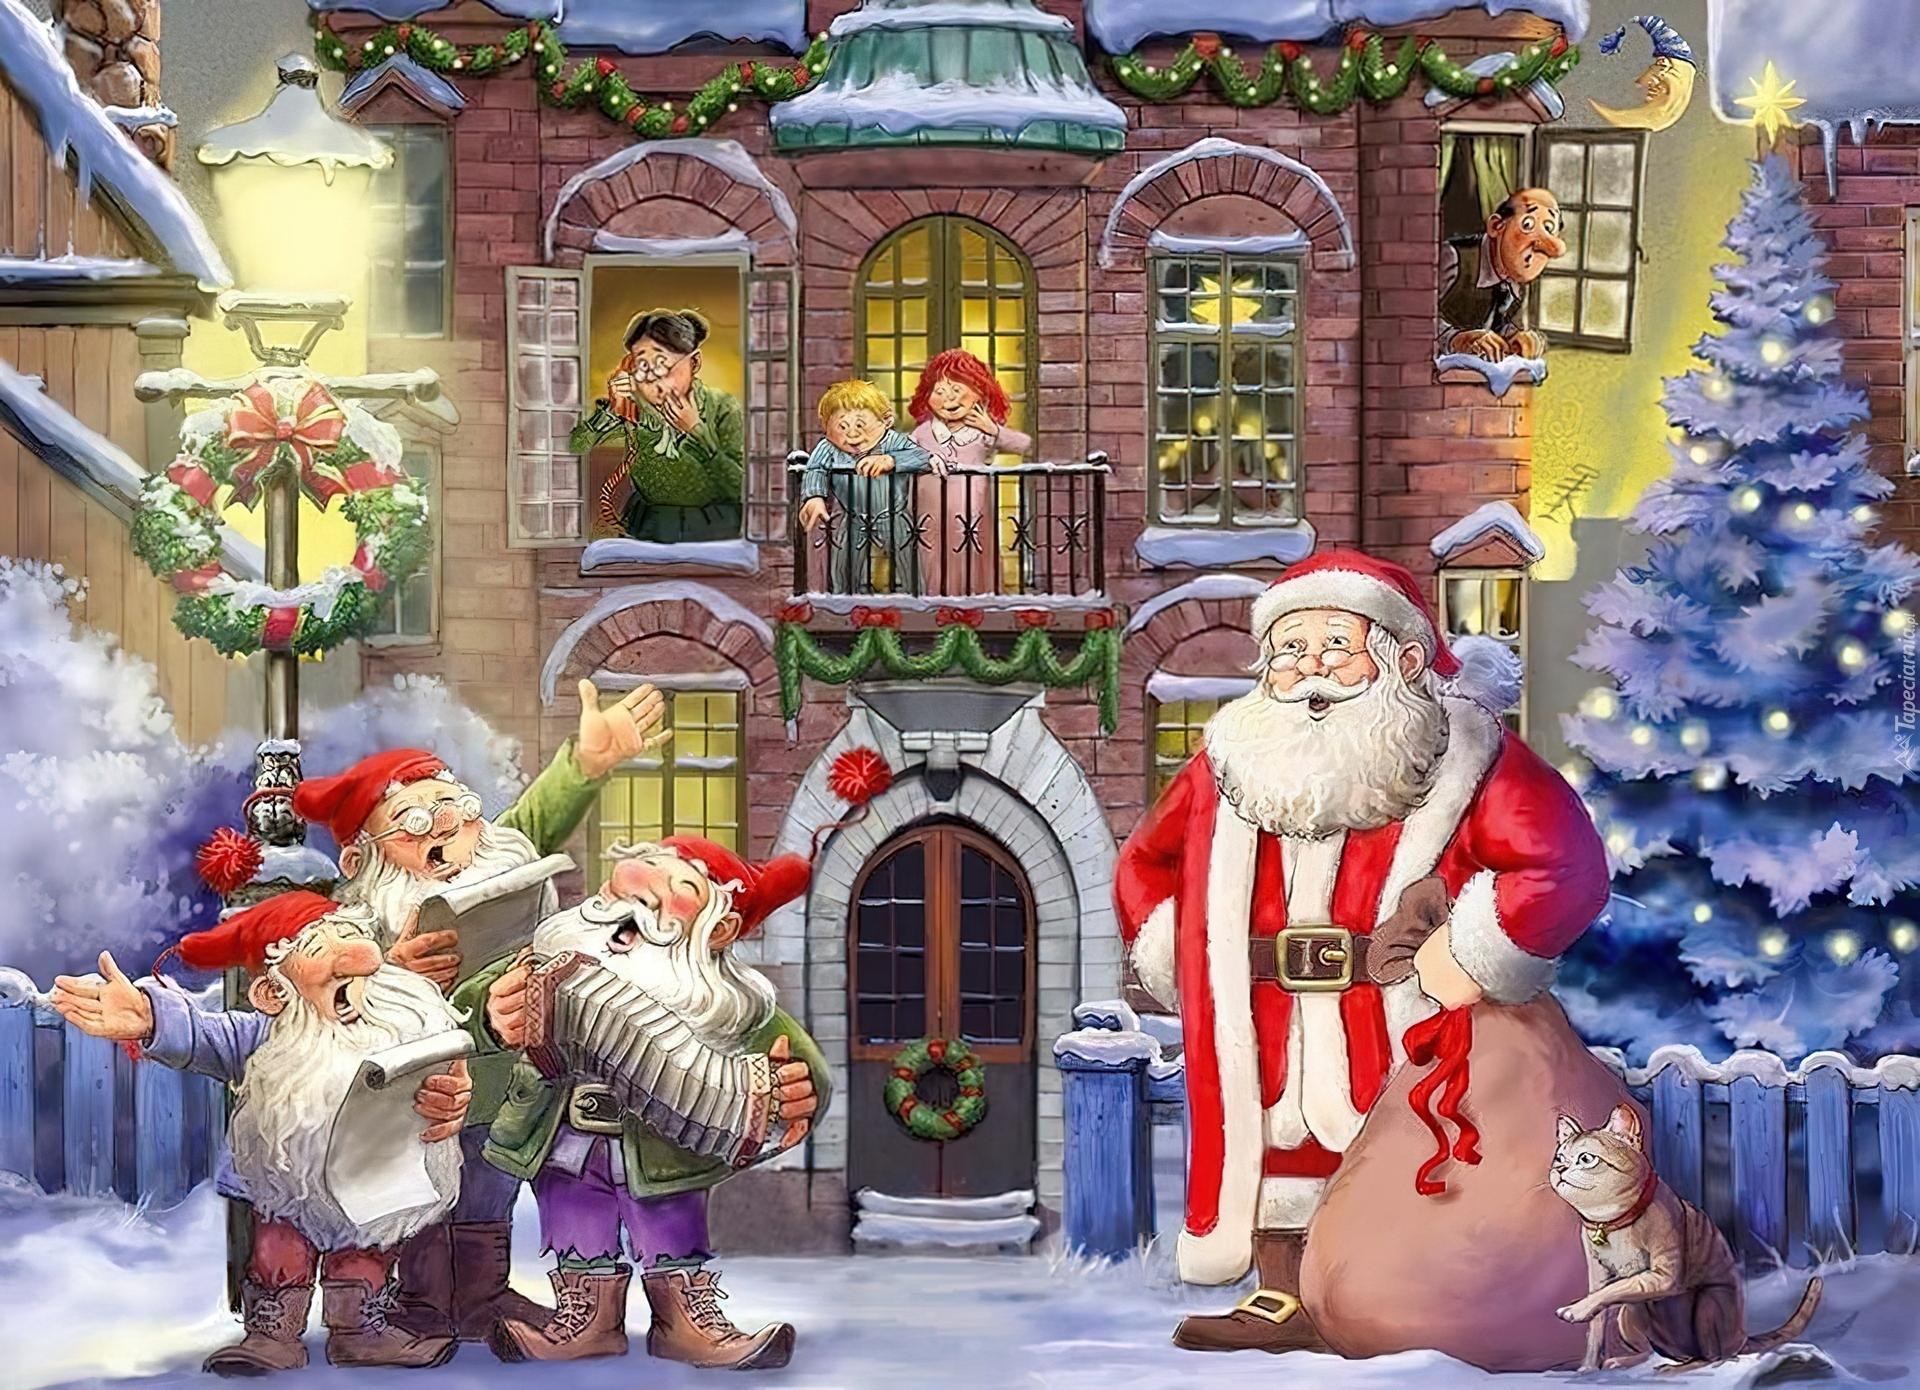 Animated Christmas Tree Wallpaper Mikołaj Krasnale Boże Narodzenie Malarstwo